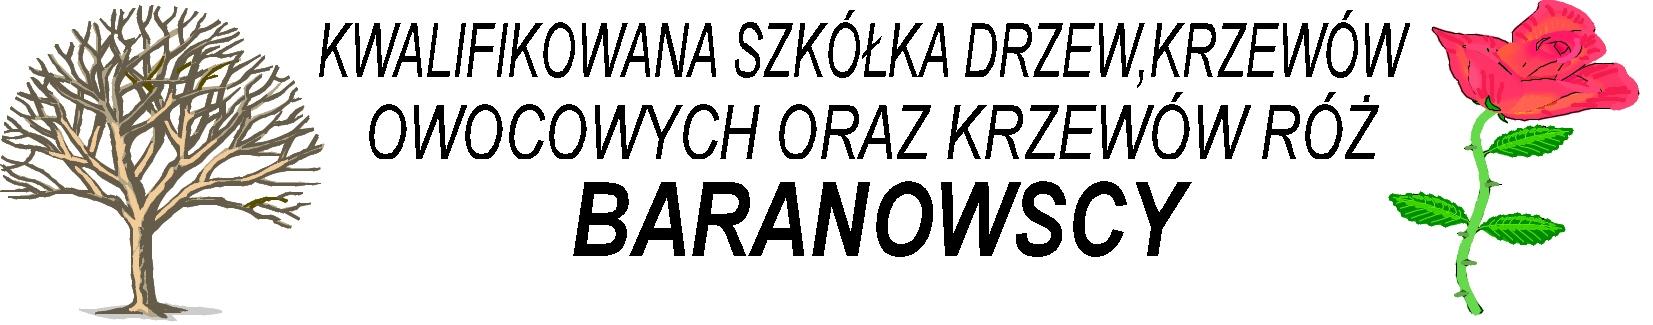 Kwalifikowana Szkółka Drzew Owocowych i Krzewów Róż Baranowscy, Kostrzyn